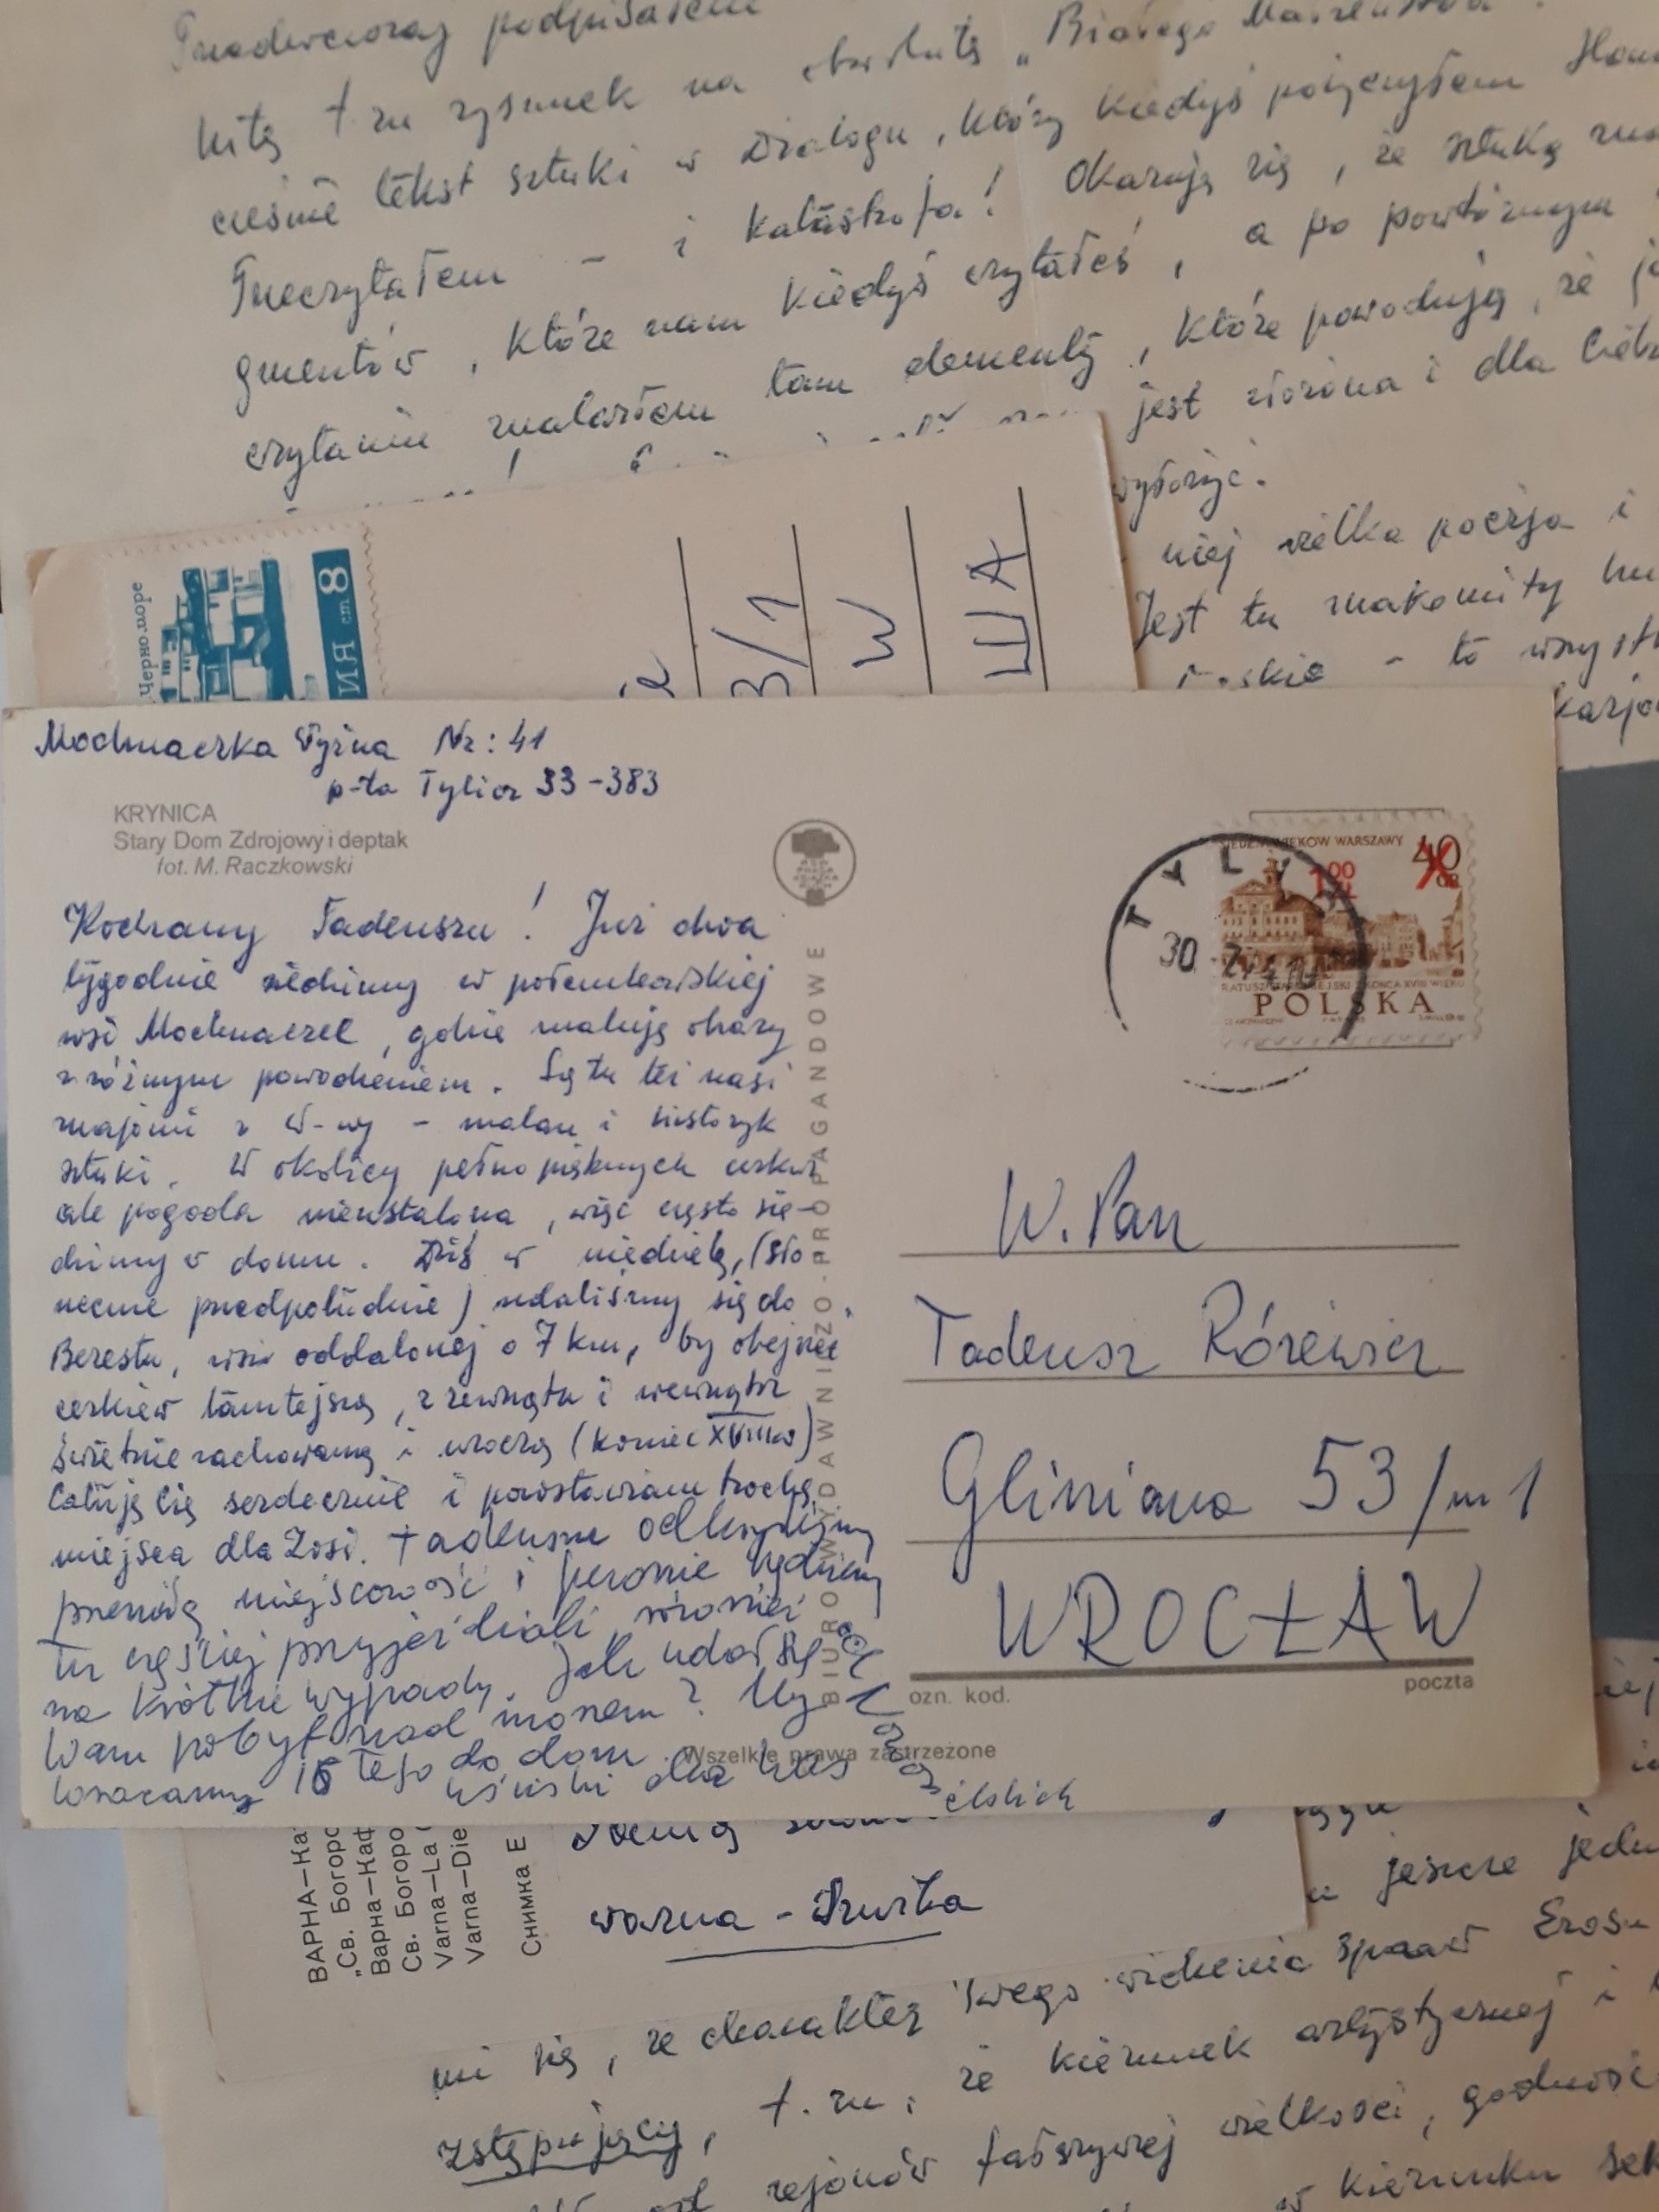 Listy i kartki Jerzego i Zofii Nowosielskich do Tadeusza Różewicza, archiwum Tadeusza Różewicza w Dziale Rękopisów ZNiO, własność Ossolineum